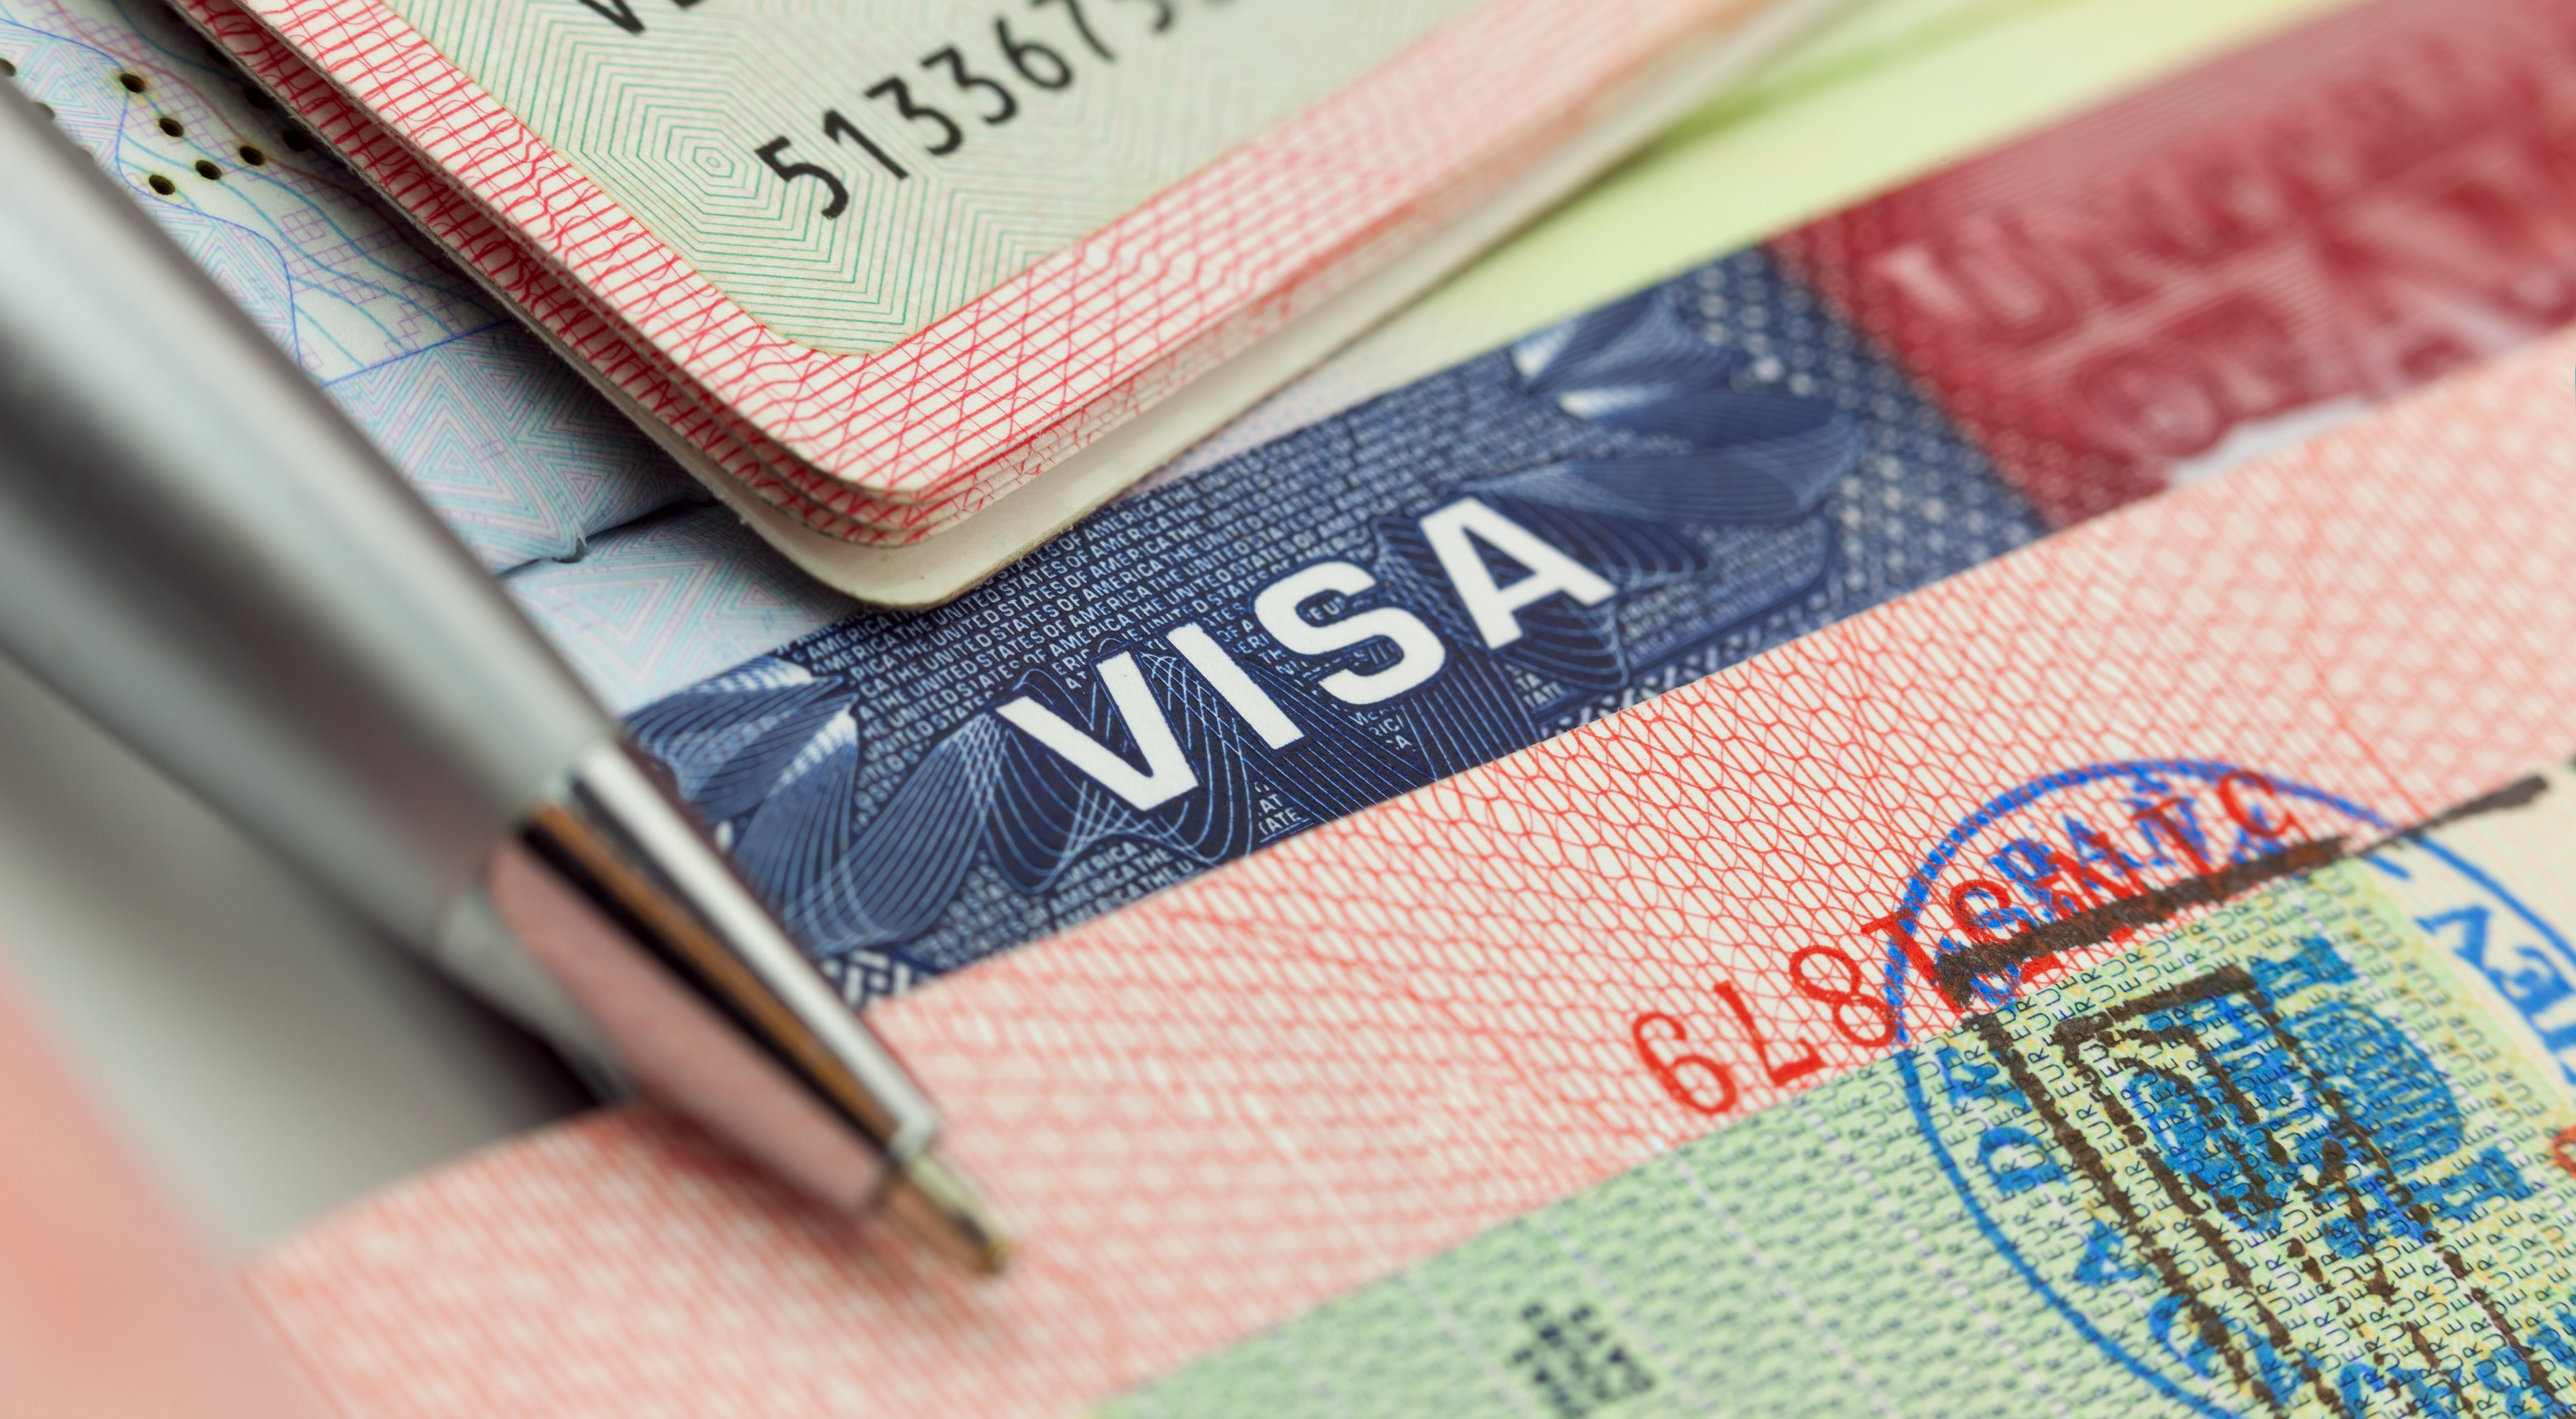 Проблема получения виз была решена при содействии федерального бизнес-защитника Бориса Титова